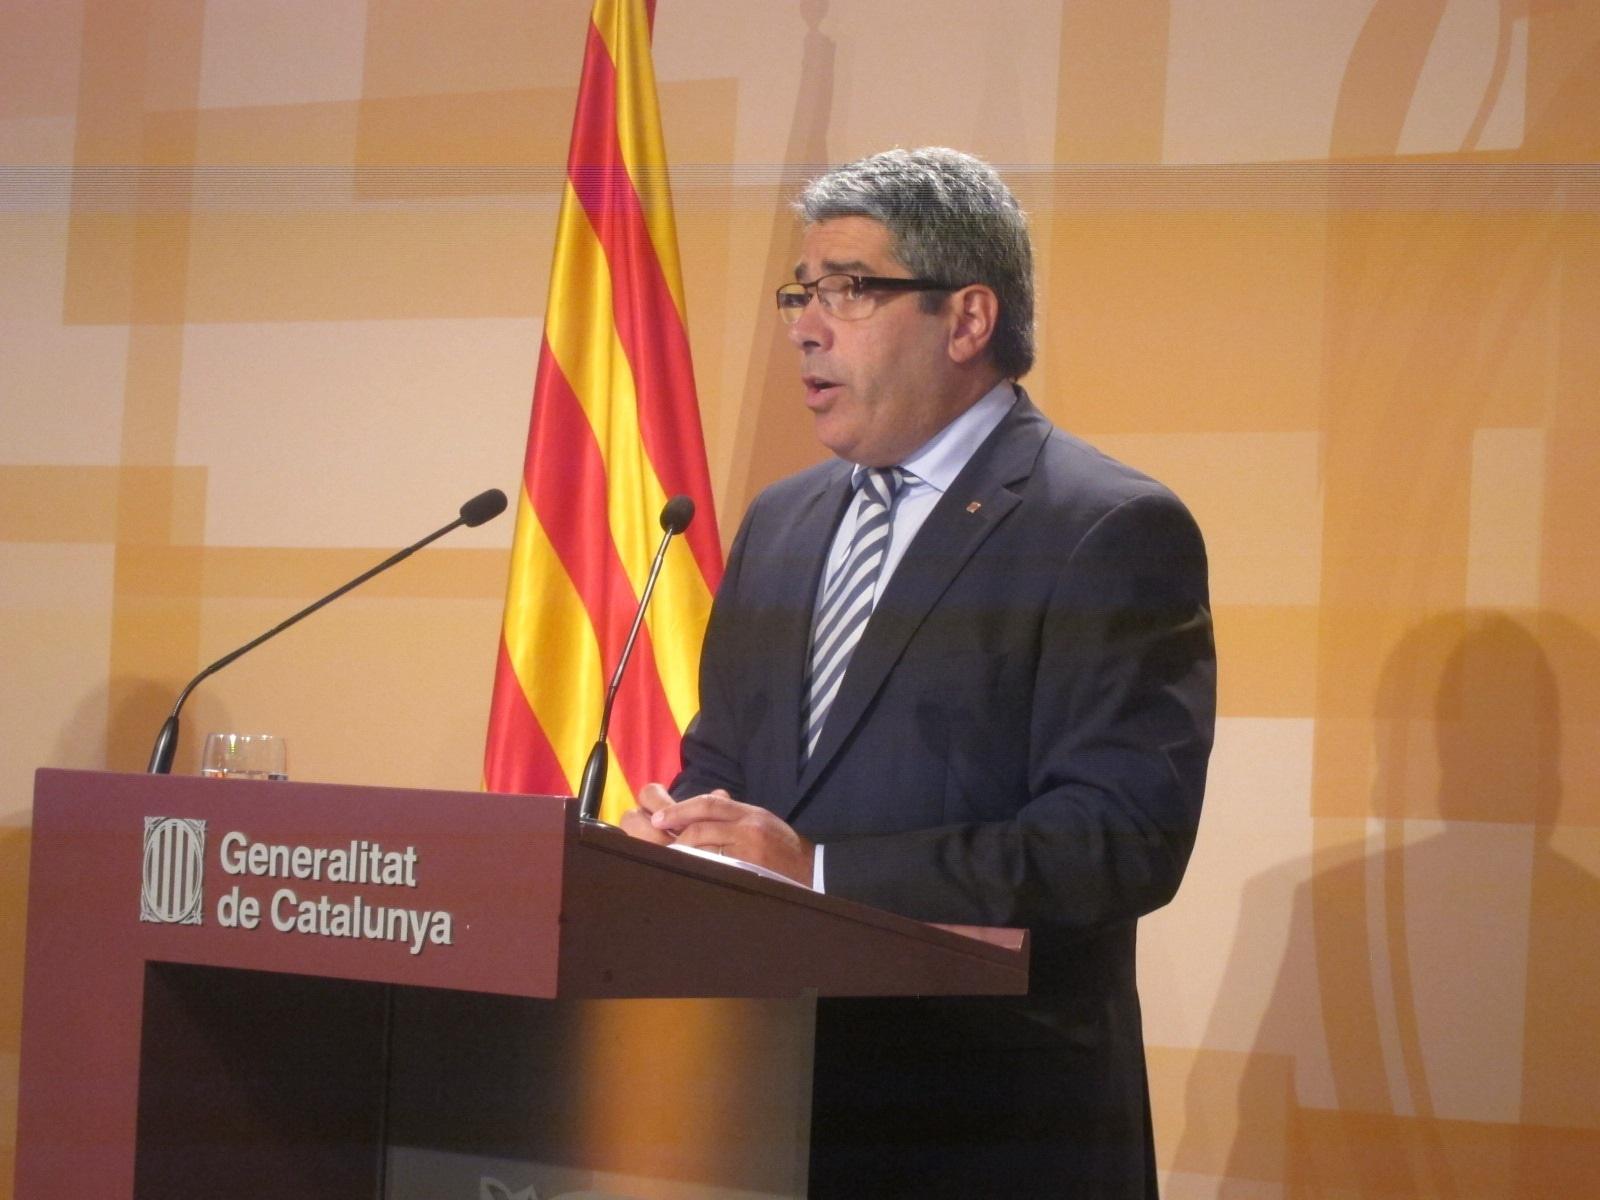 El Gobierno catalán pronostica que la Comisión Europea acabará posicionándose ante el debate soberanista